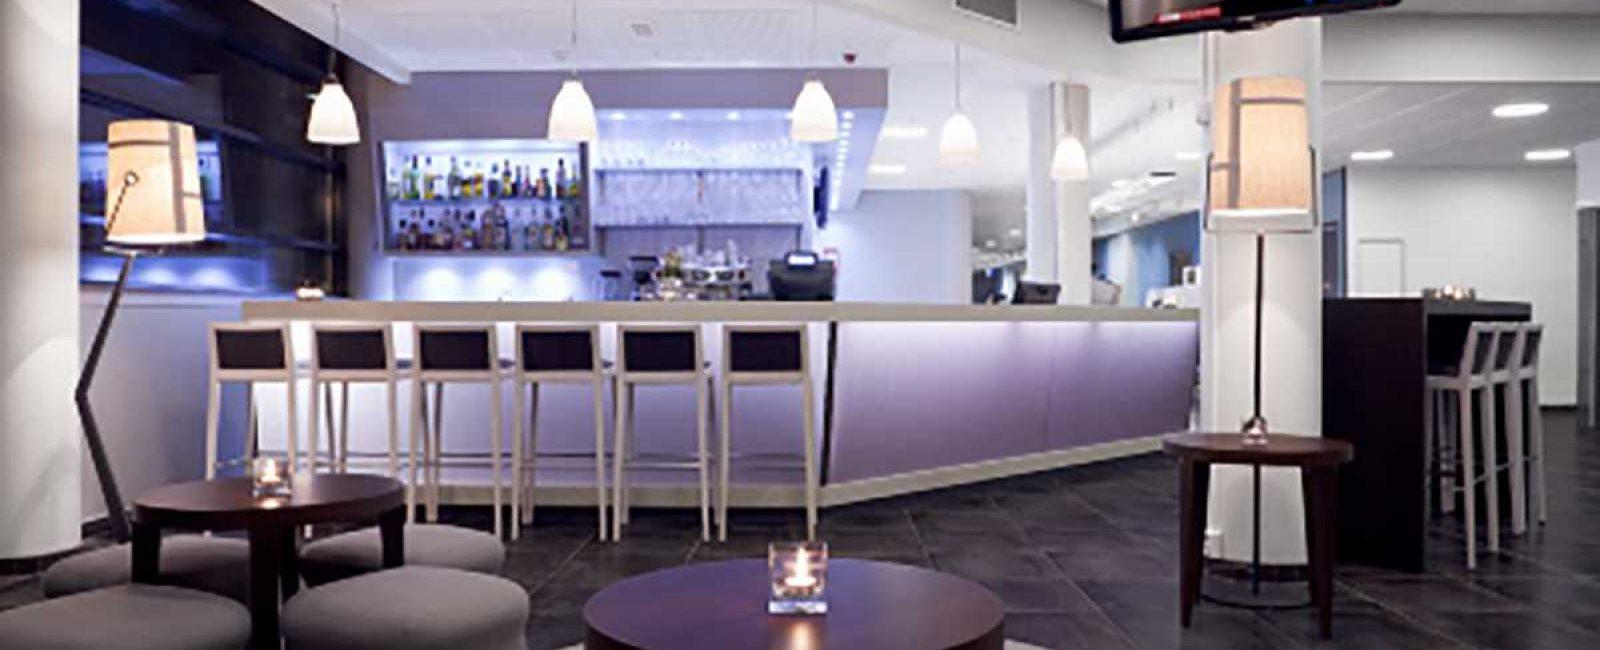 Scandic Hotel Haugesund